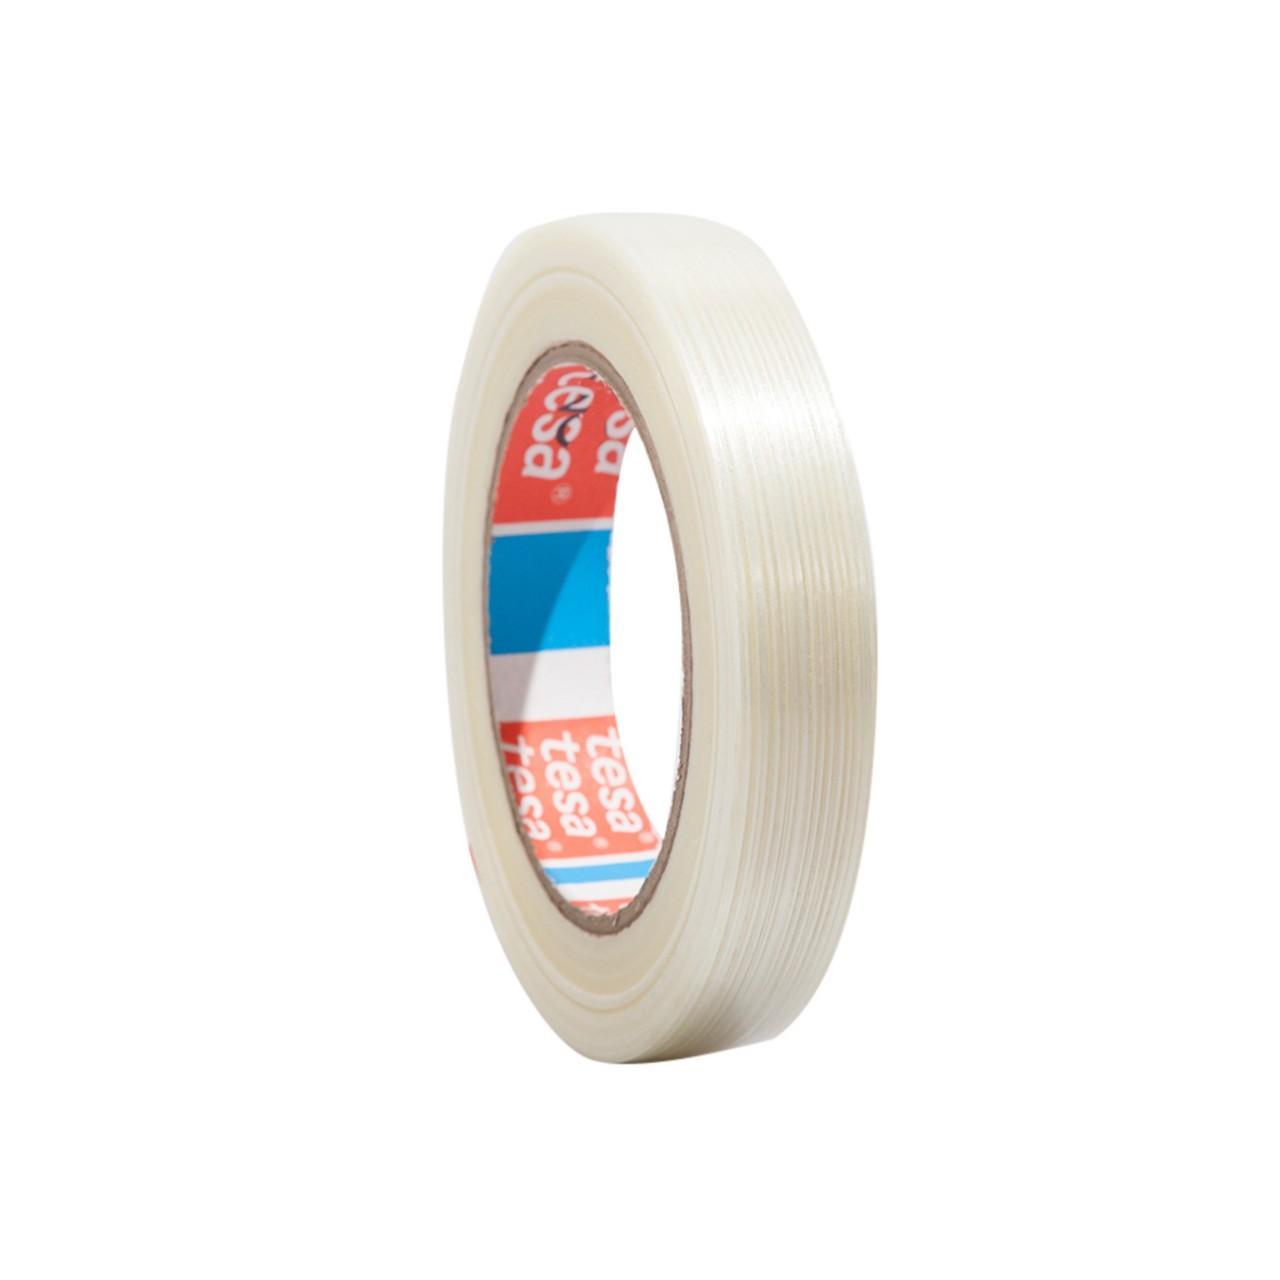 tesa 4590, Mono-Filament, 19mm x 50m